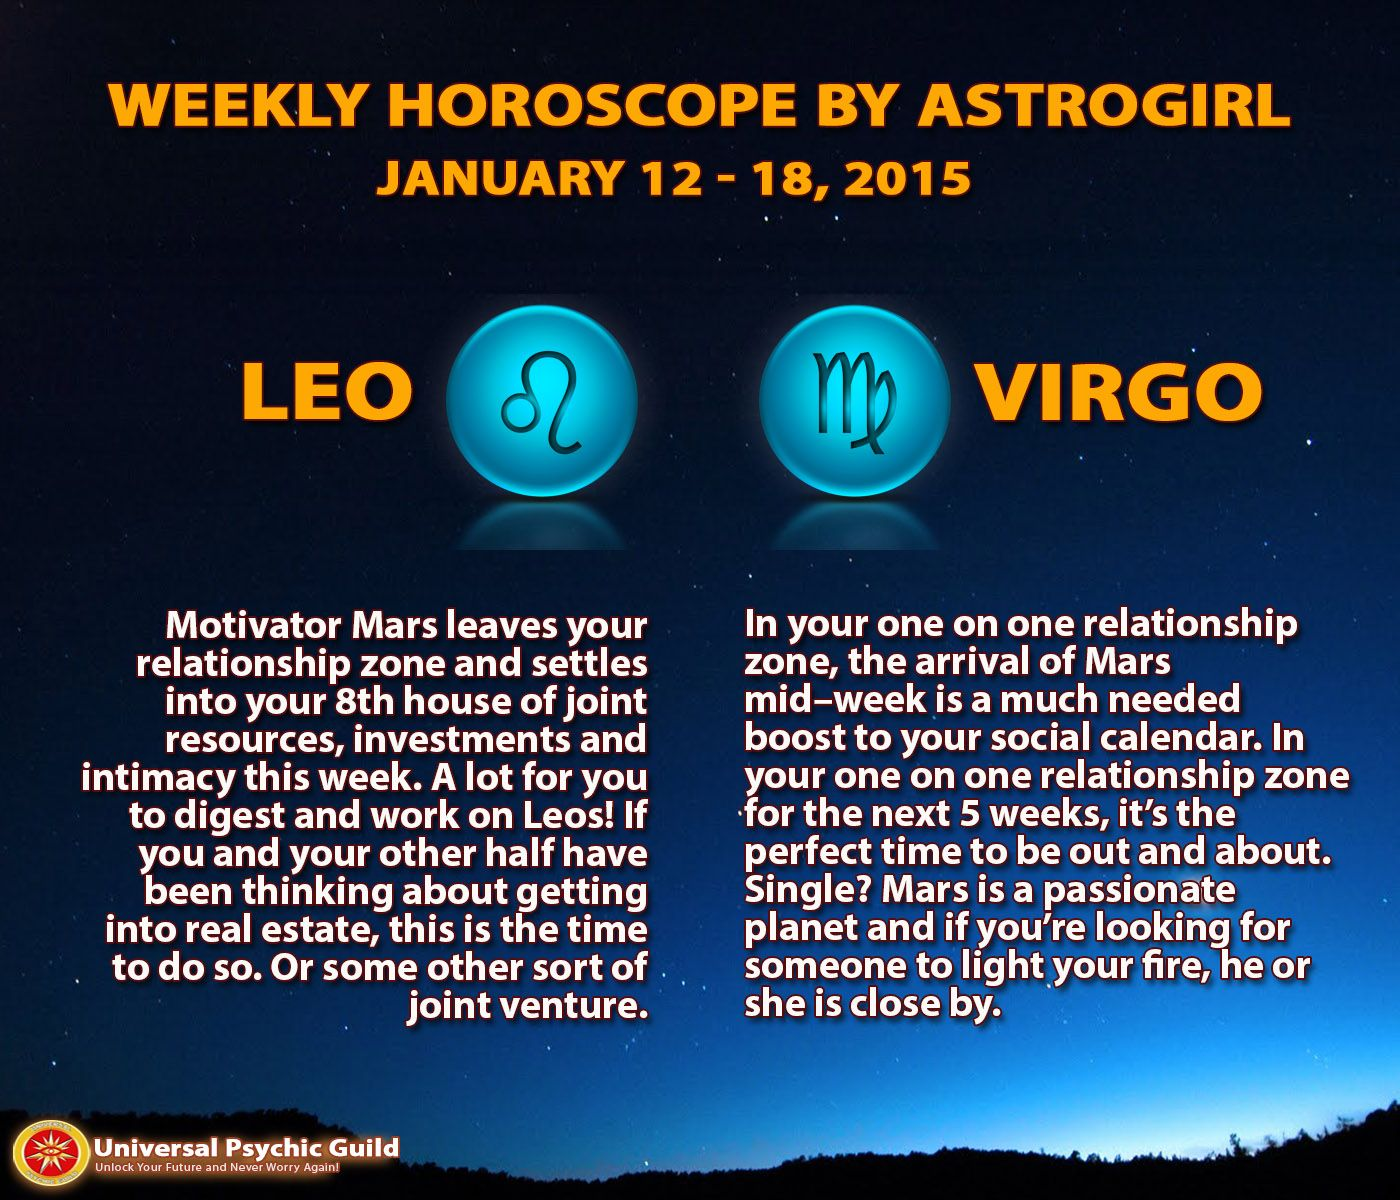 leo january 18 weekly horoscope